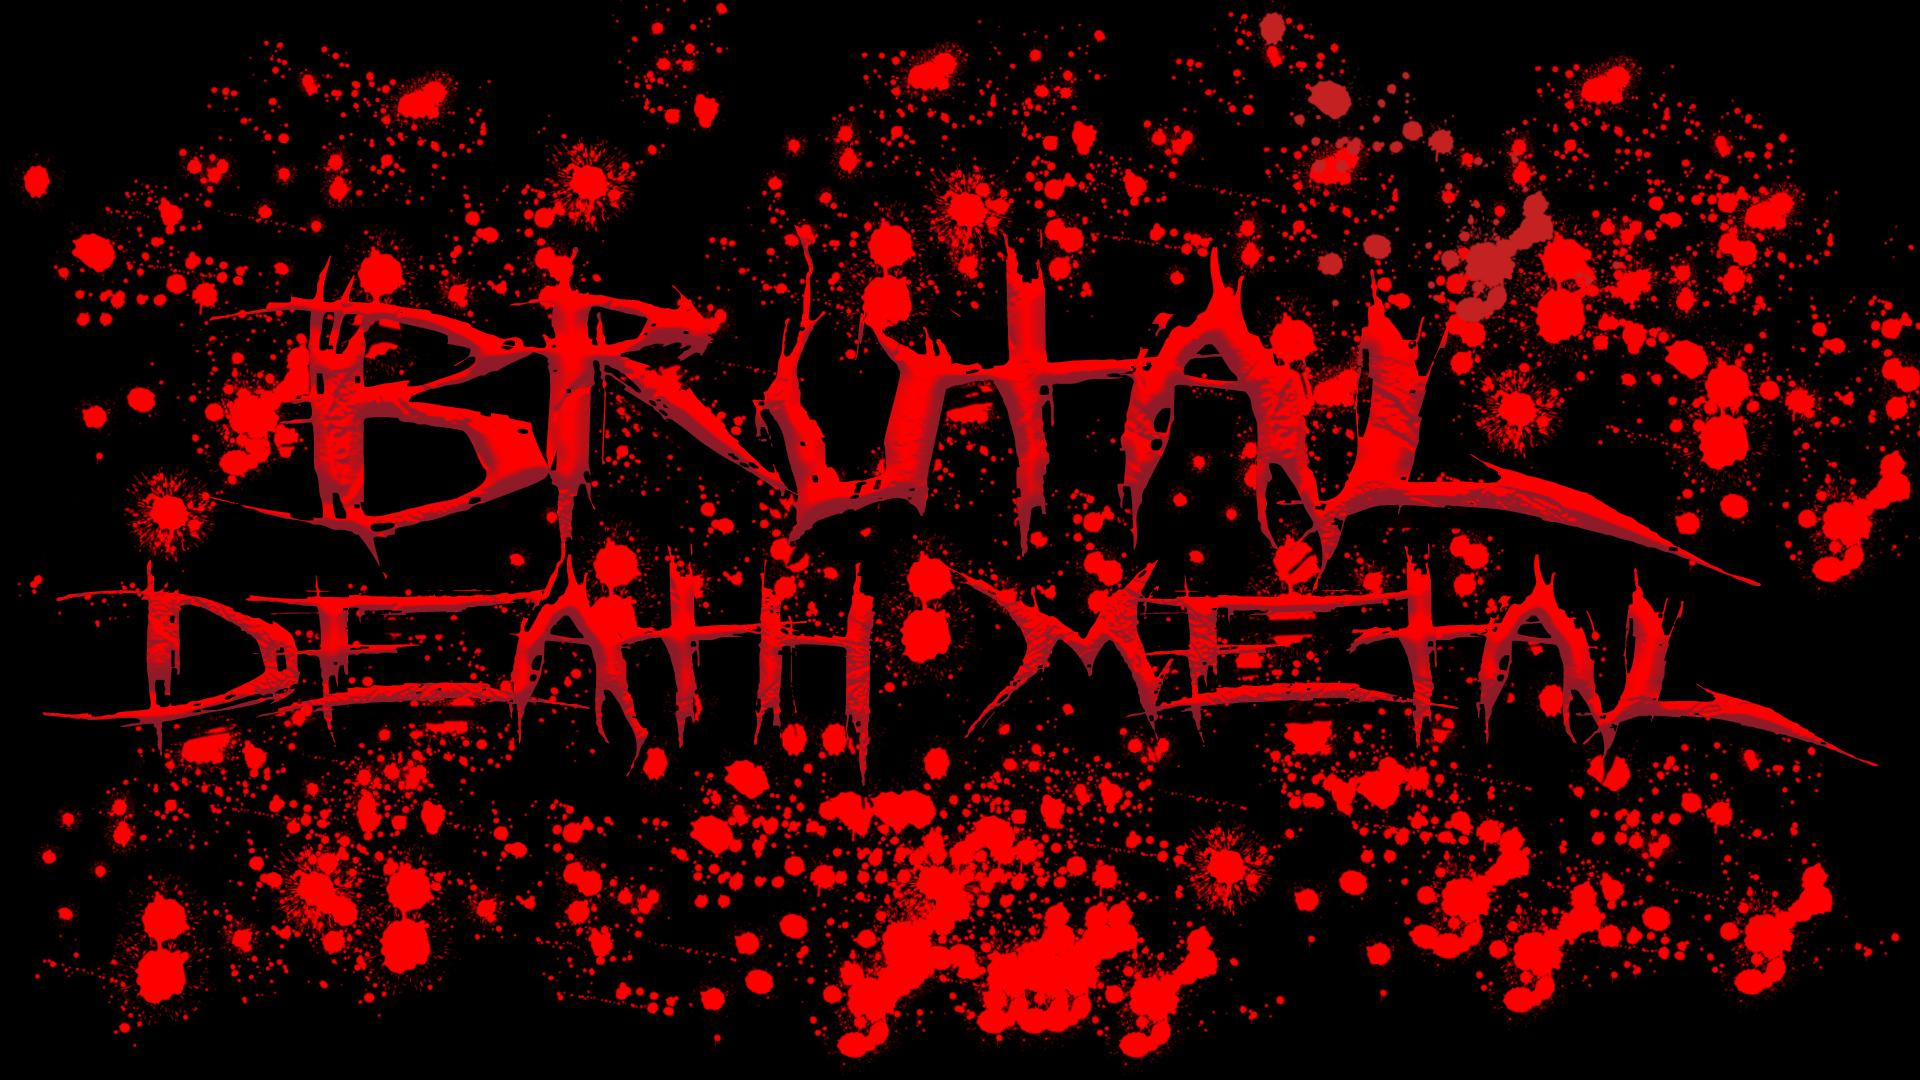 BRUTAL DEATH